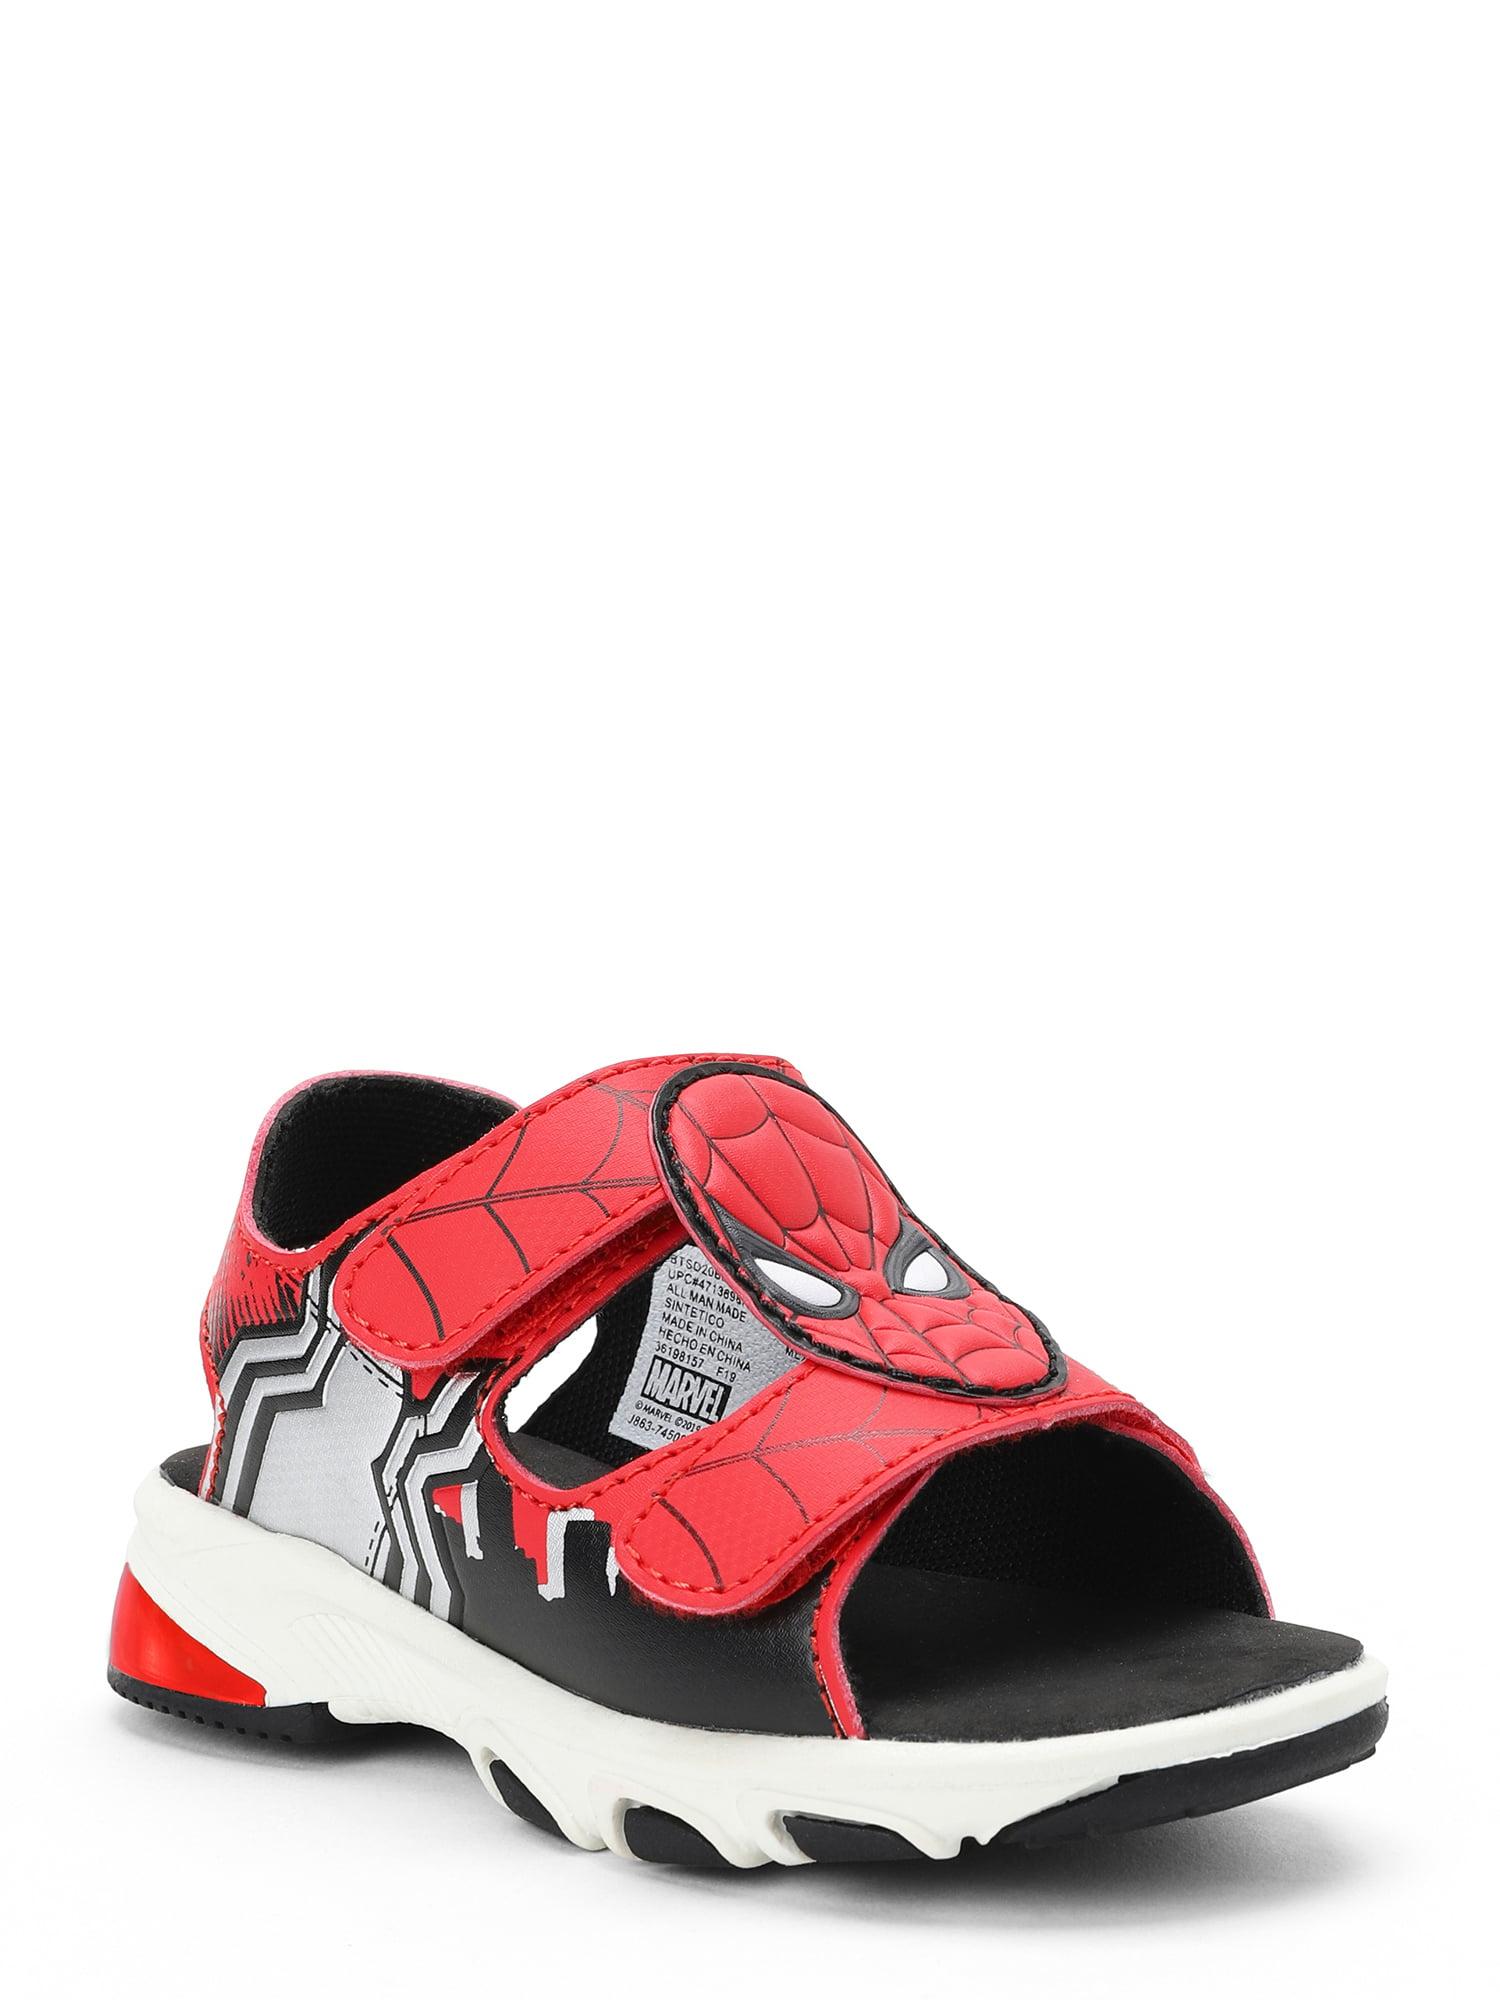 Spiderman Open Toe Light Up Sandal